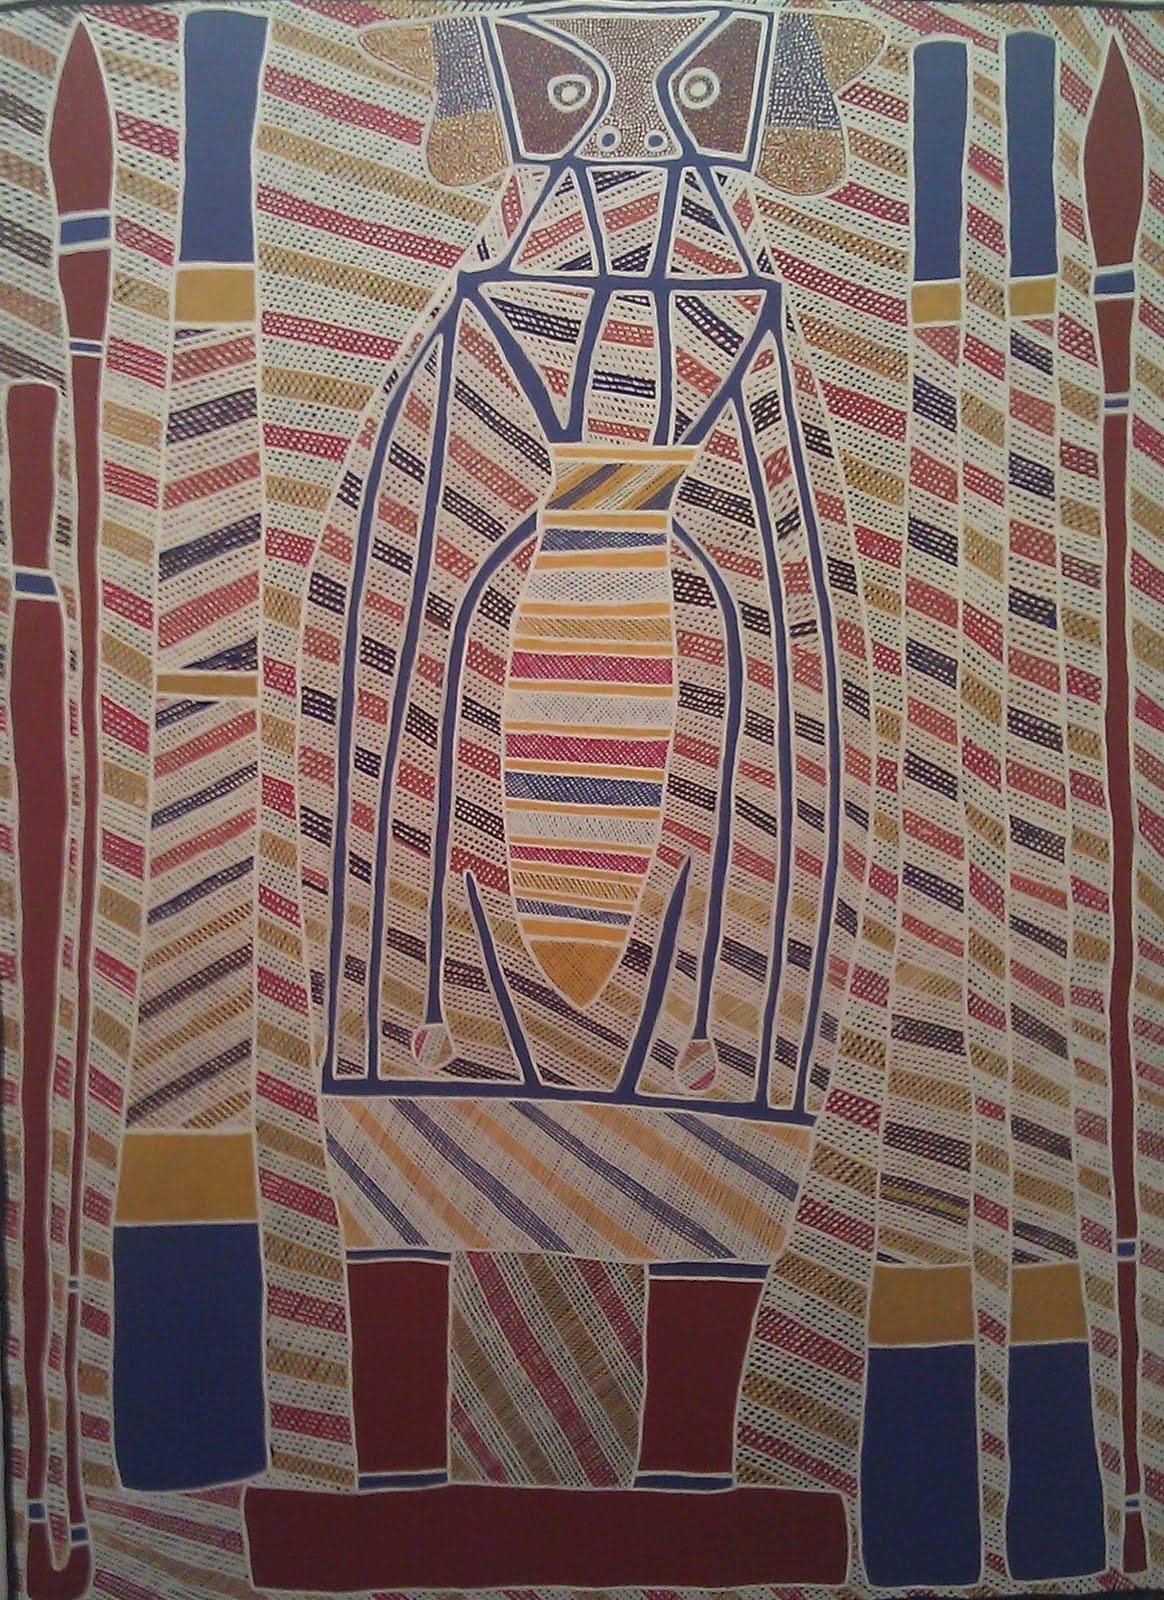 Linguaggio macchina arte aborigena a nuoro dreamtime for Arte aborigena